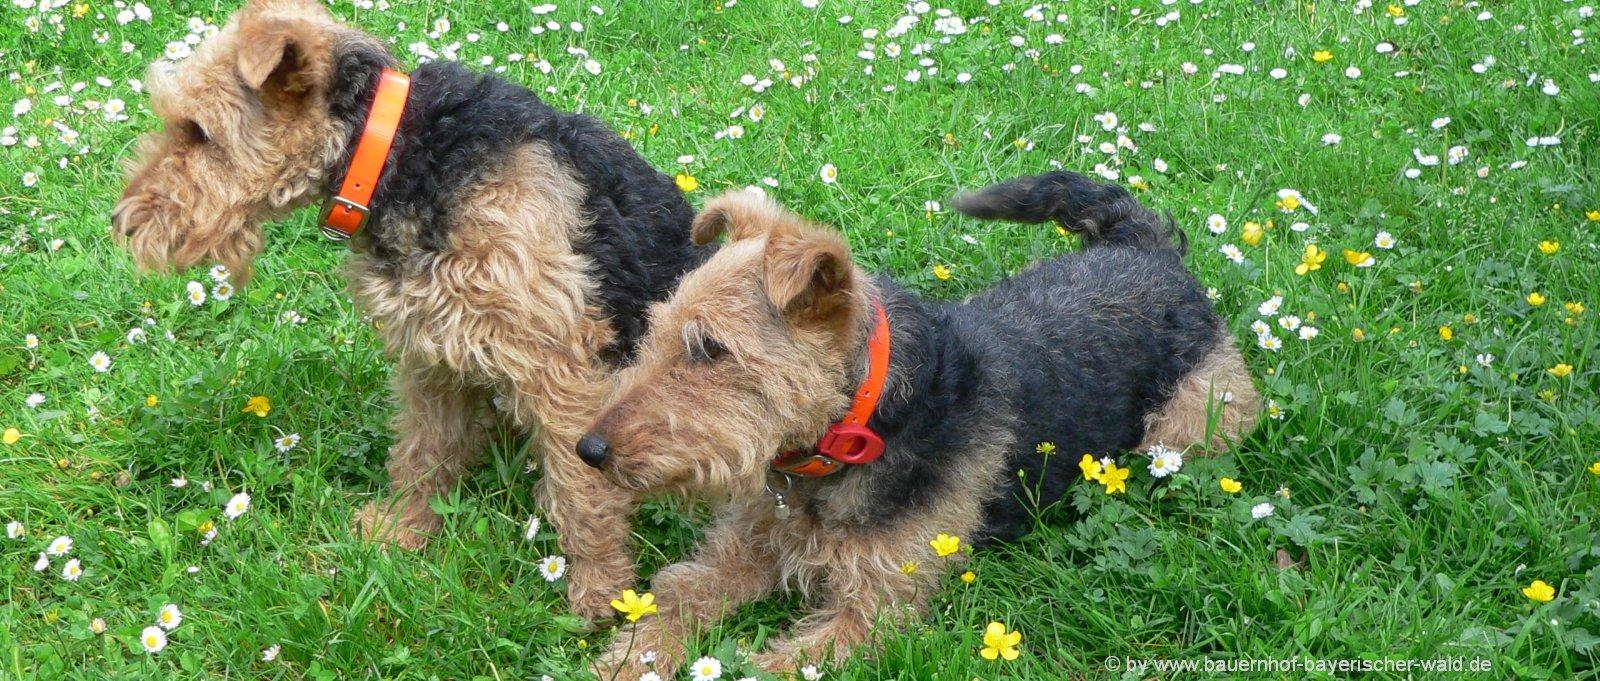 Bayerischer wald Urlaub mit Hund am Bauernhof